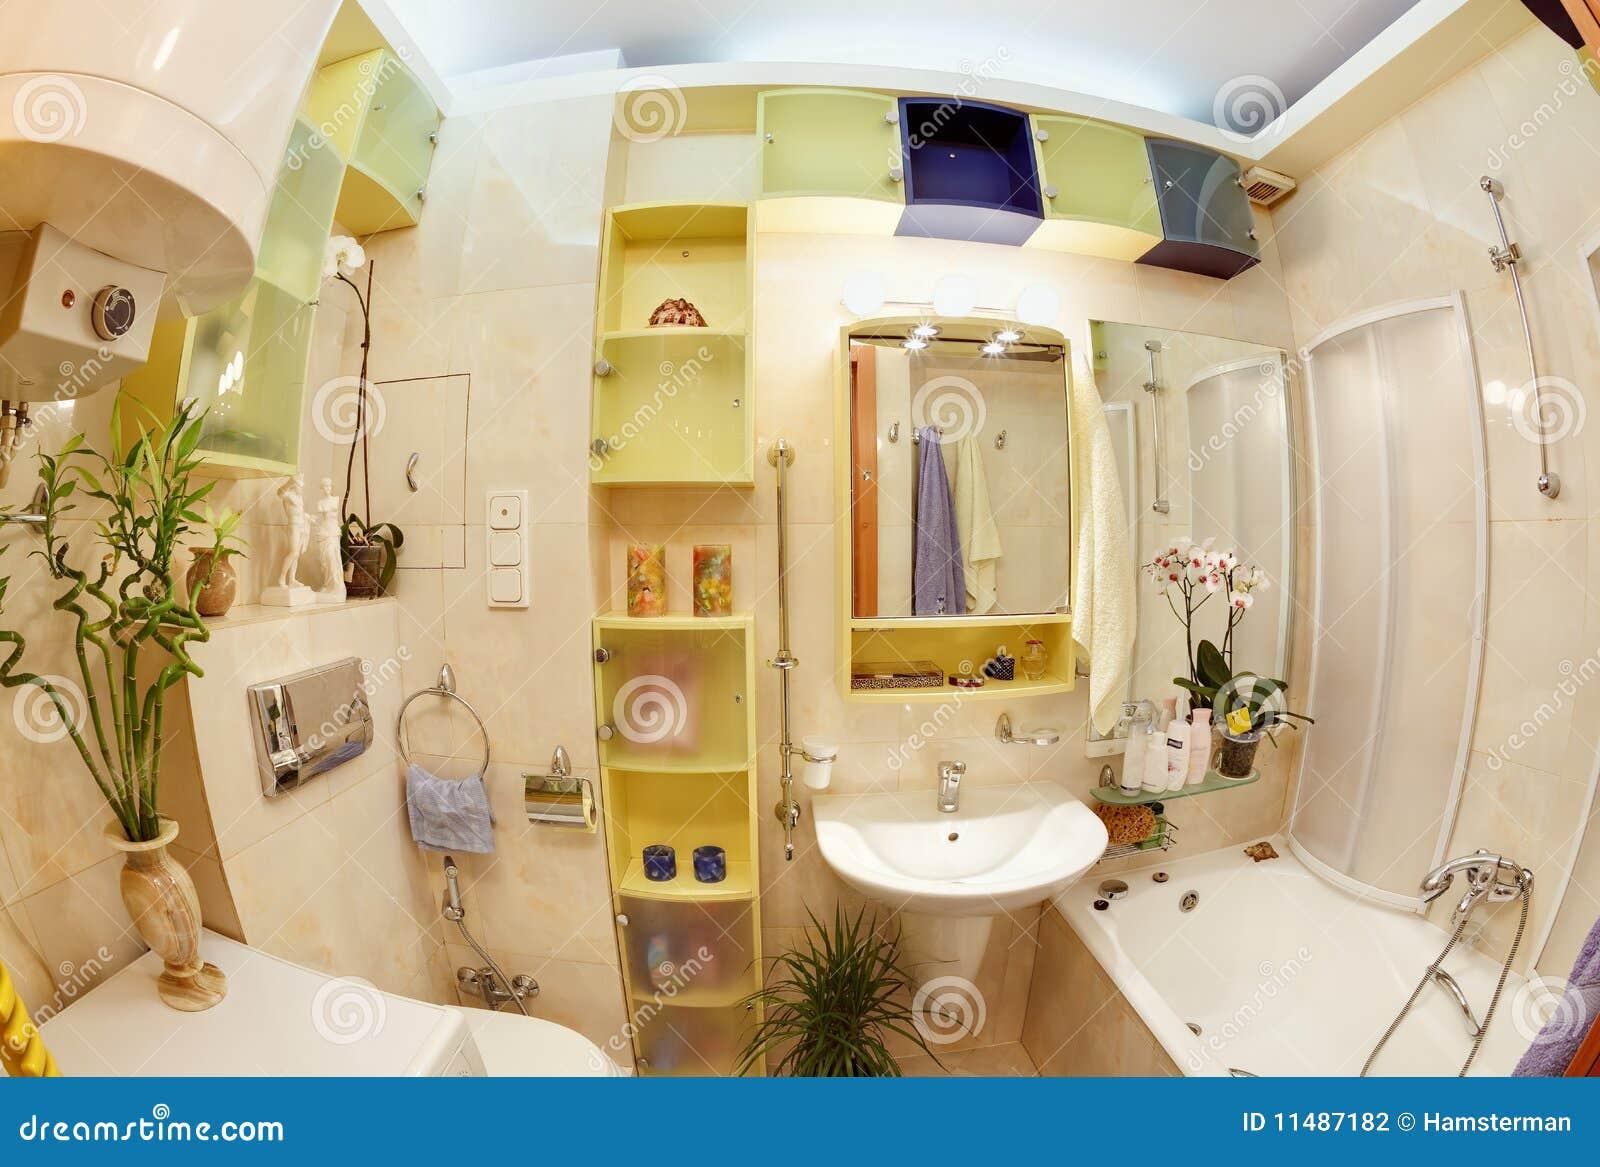 Salle de bains moderne dans des couleurs vives jaunes et bleues ...